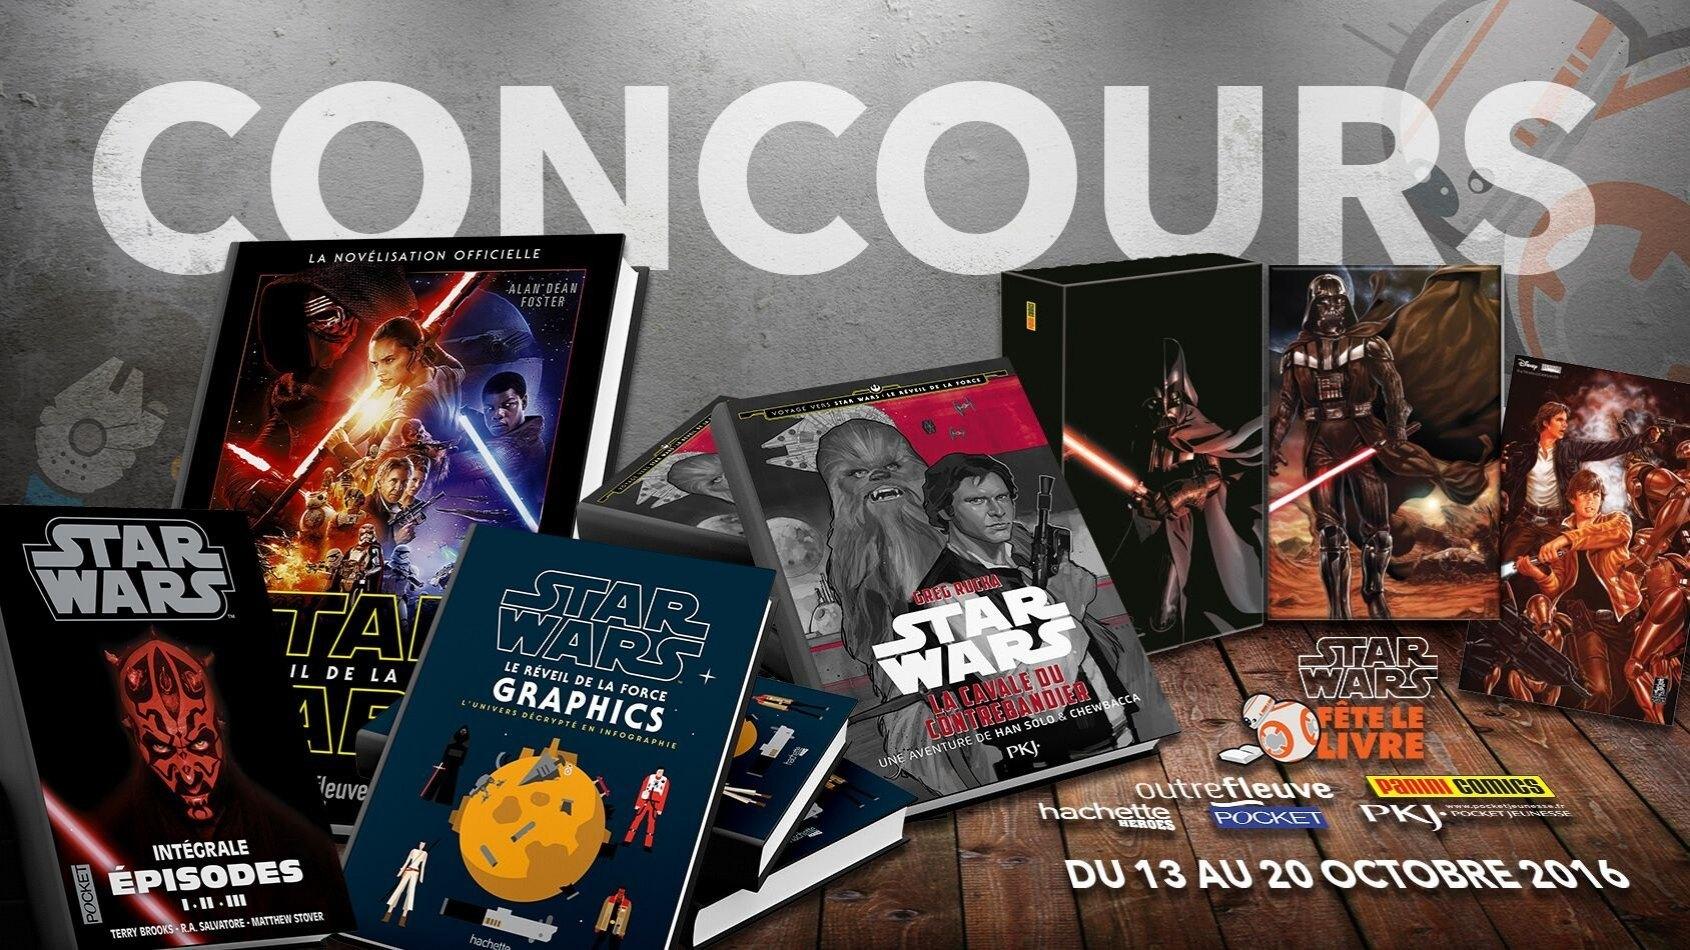 Concours : Gagnez 5 livres à l'occasion de Star Wars Fête le Livre